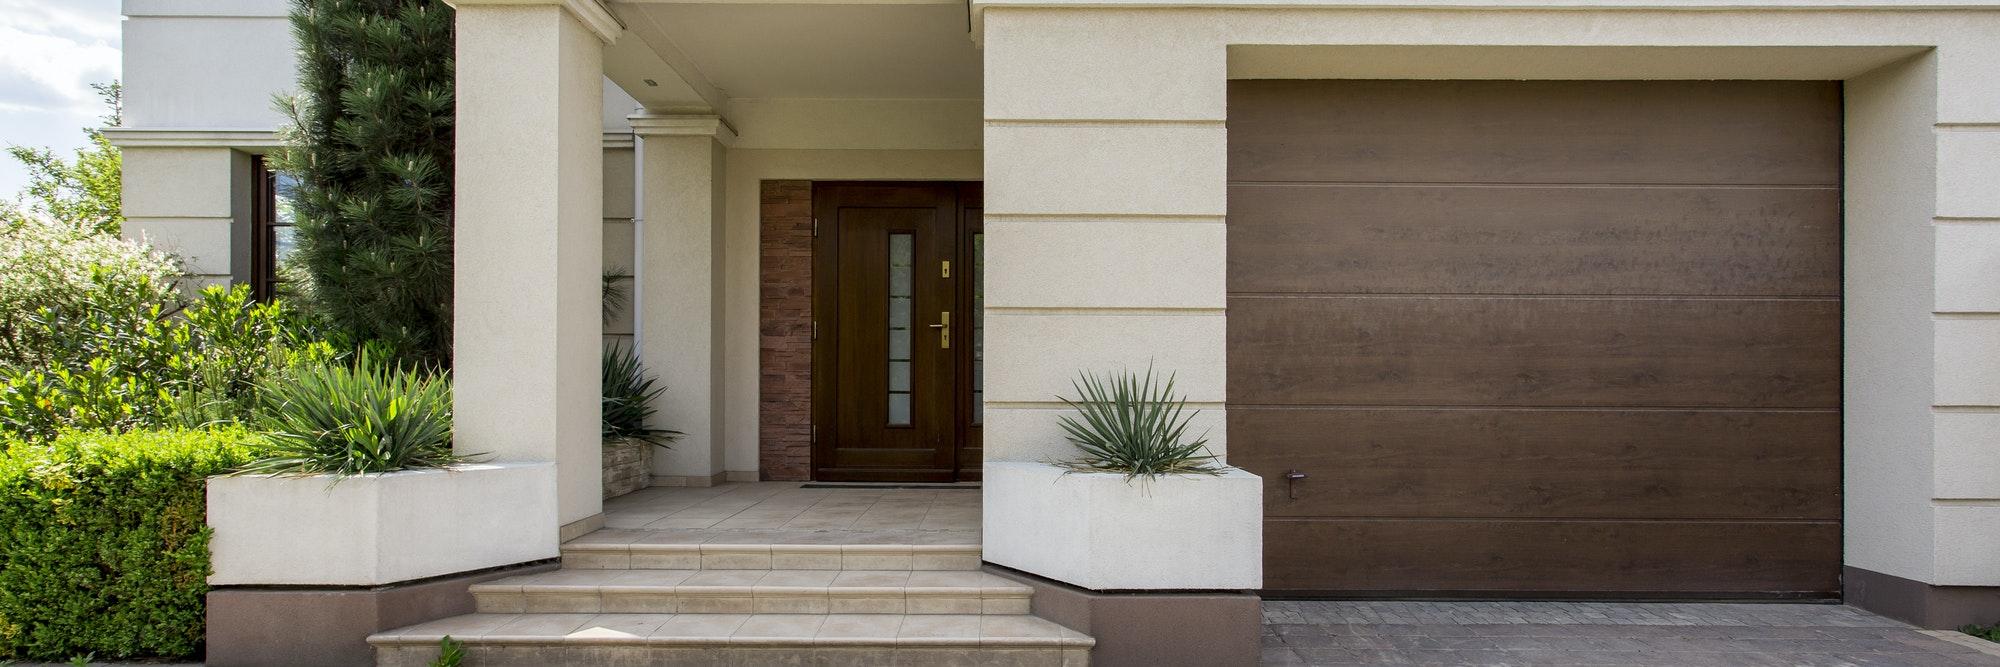 Entrada elegante a la casa con puerta de garaje